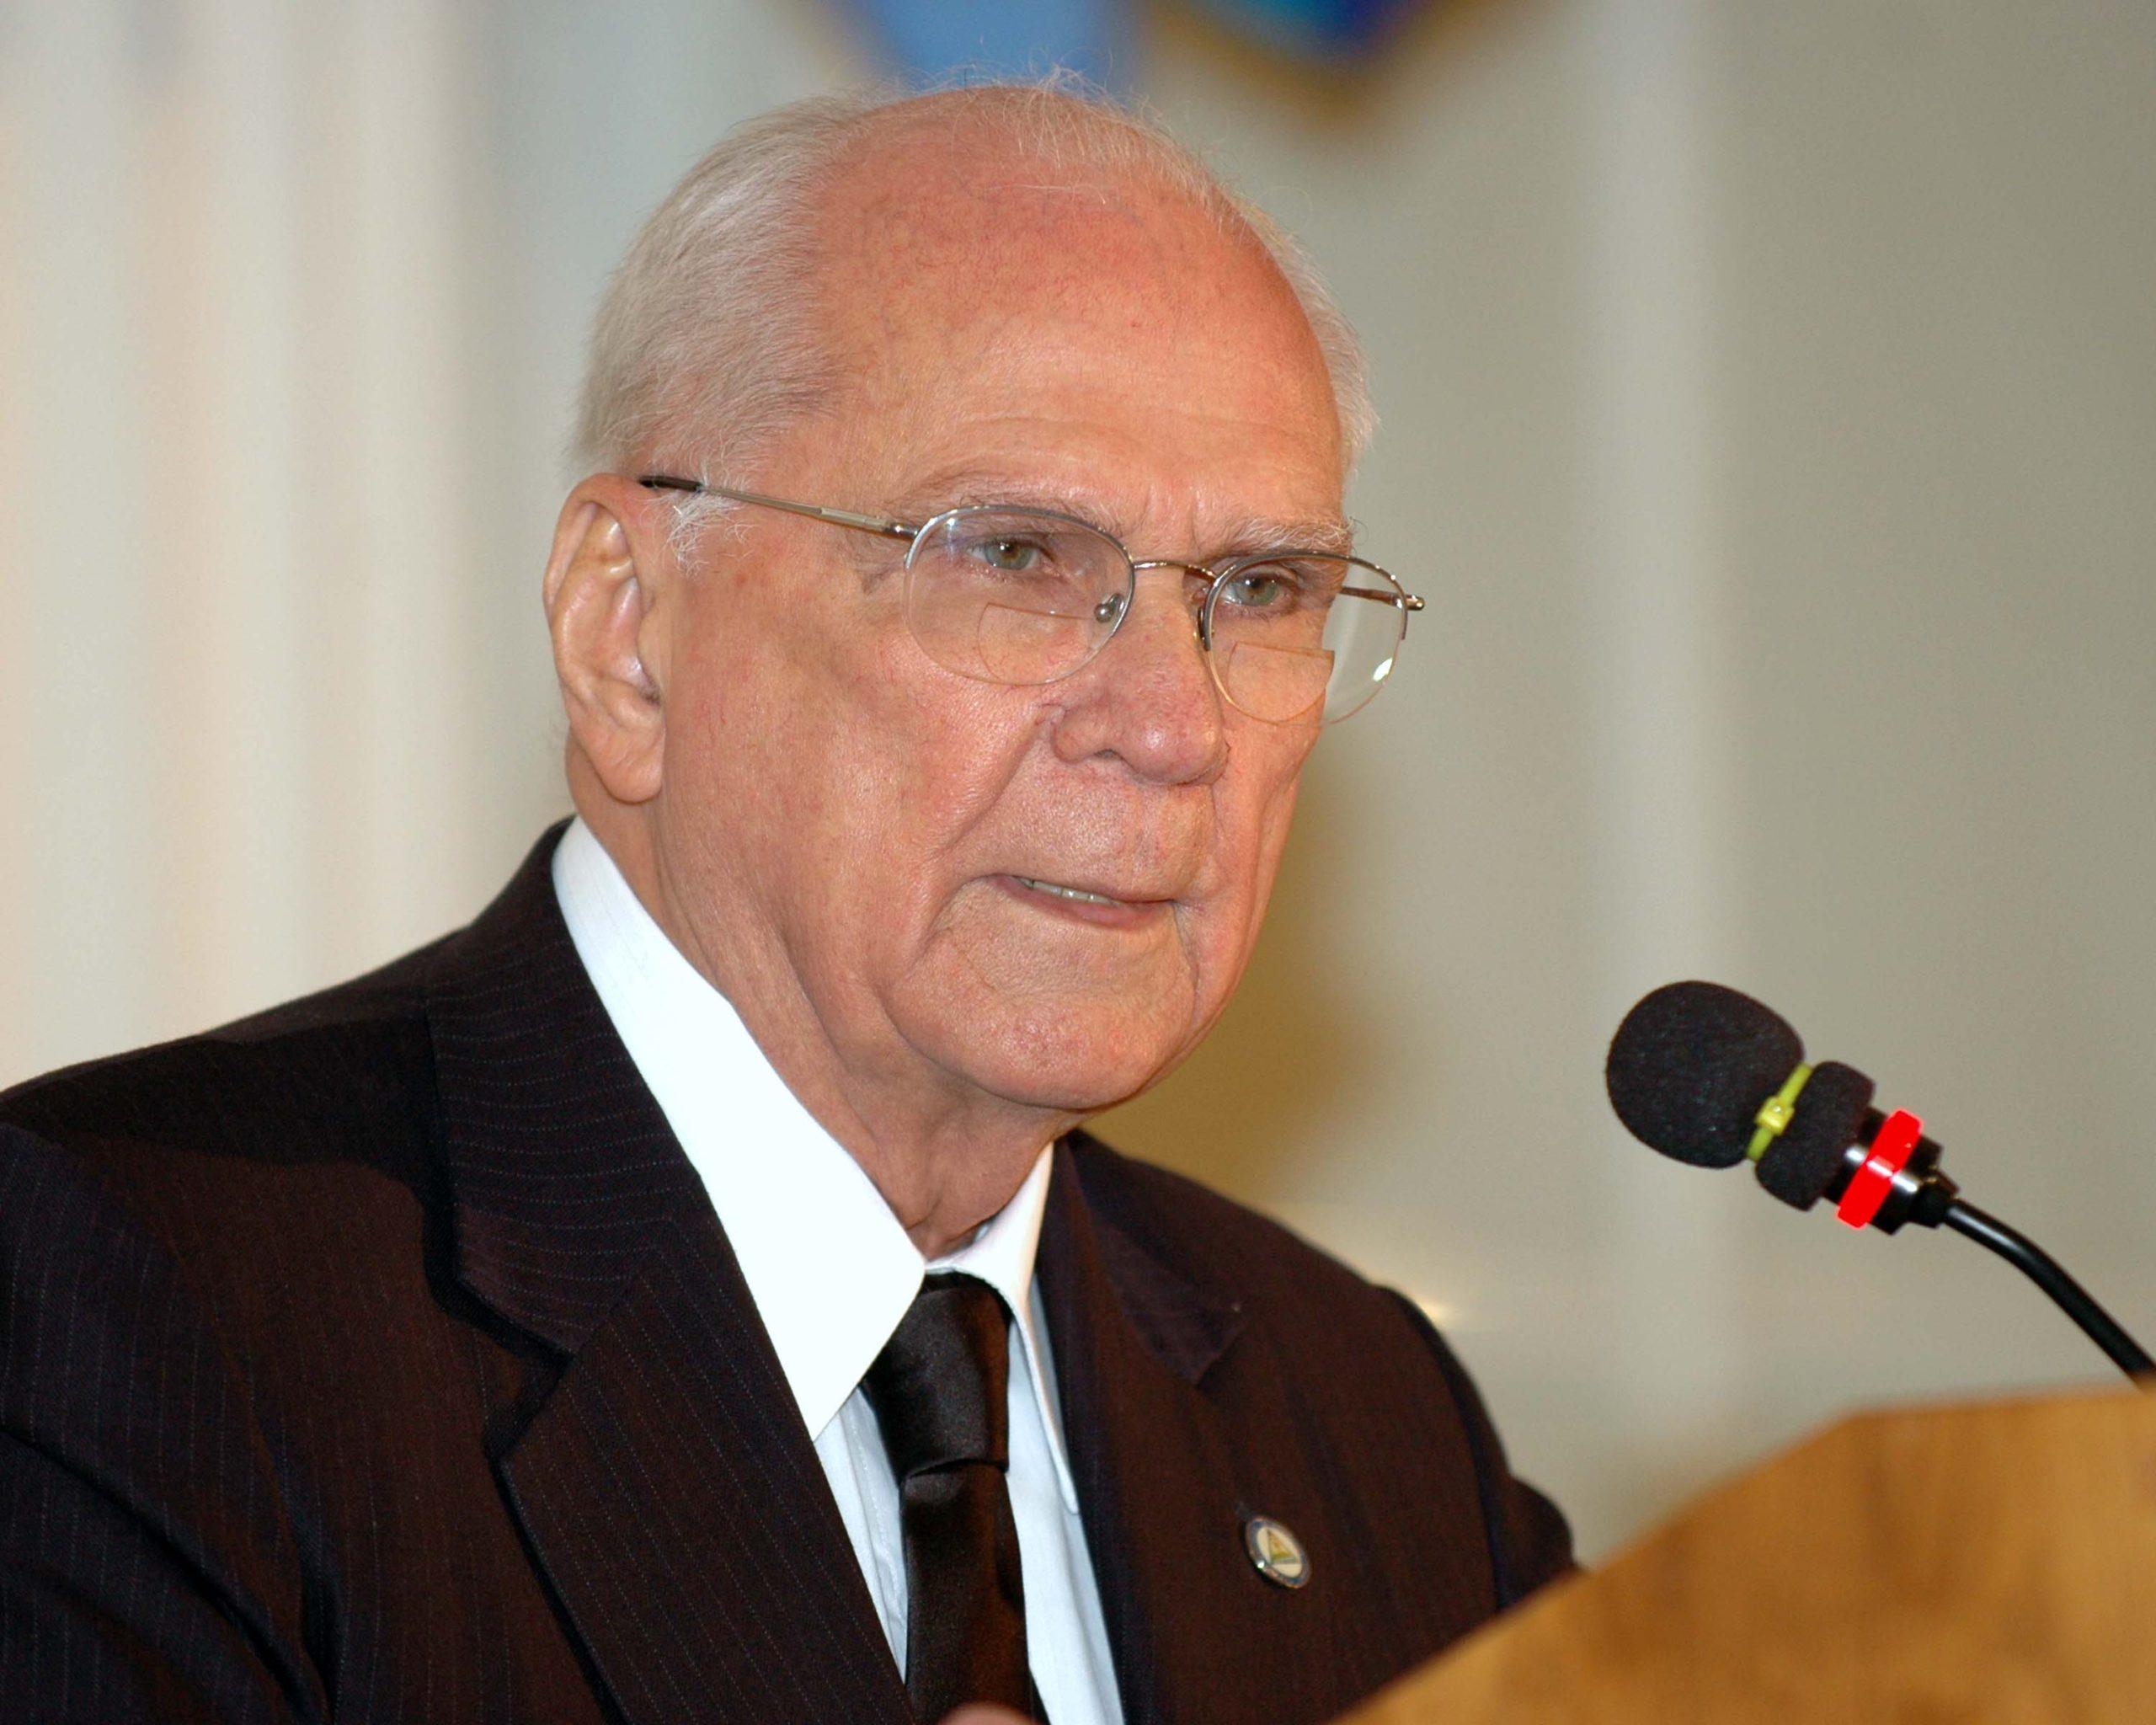 Fallece el expresidente de Nicaragua Enrique Bolaños Geyer